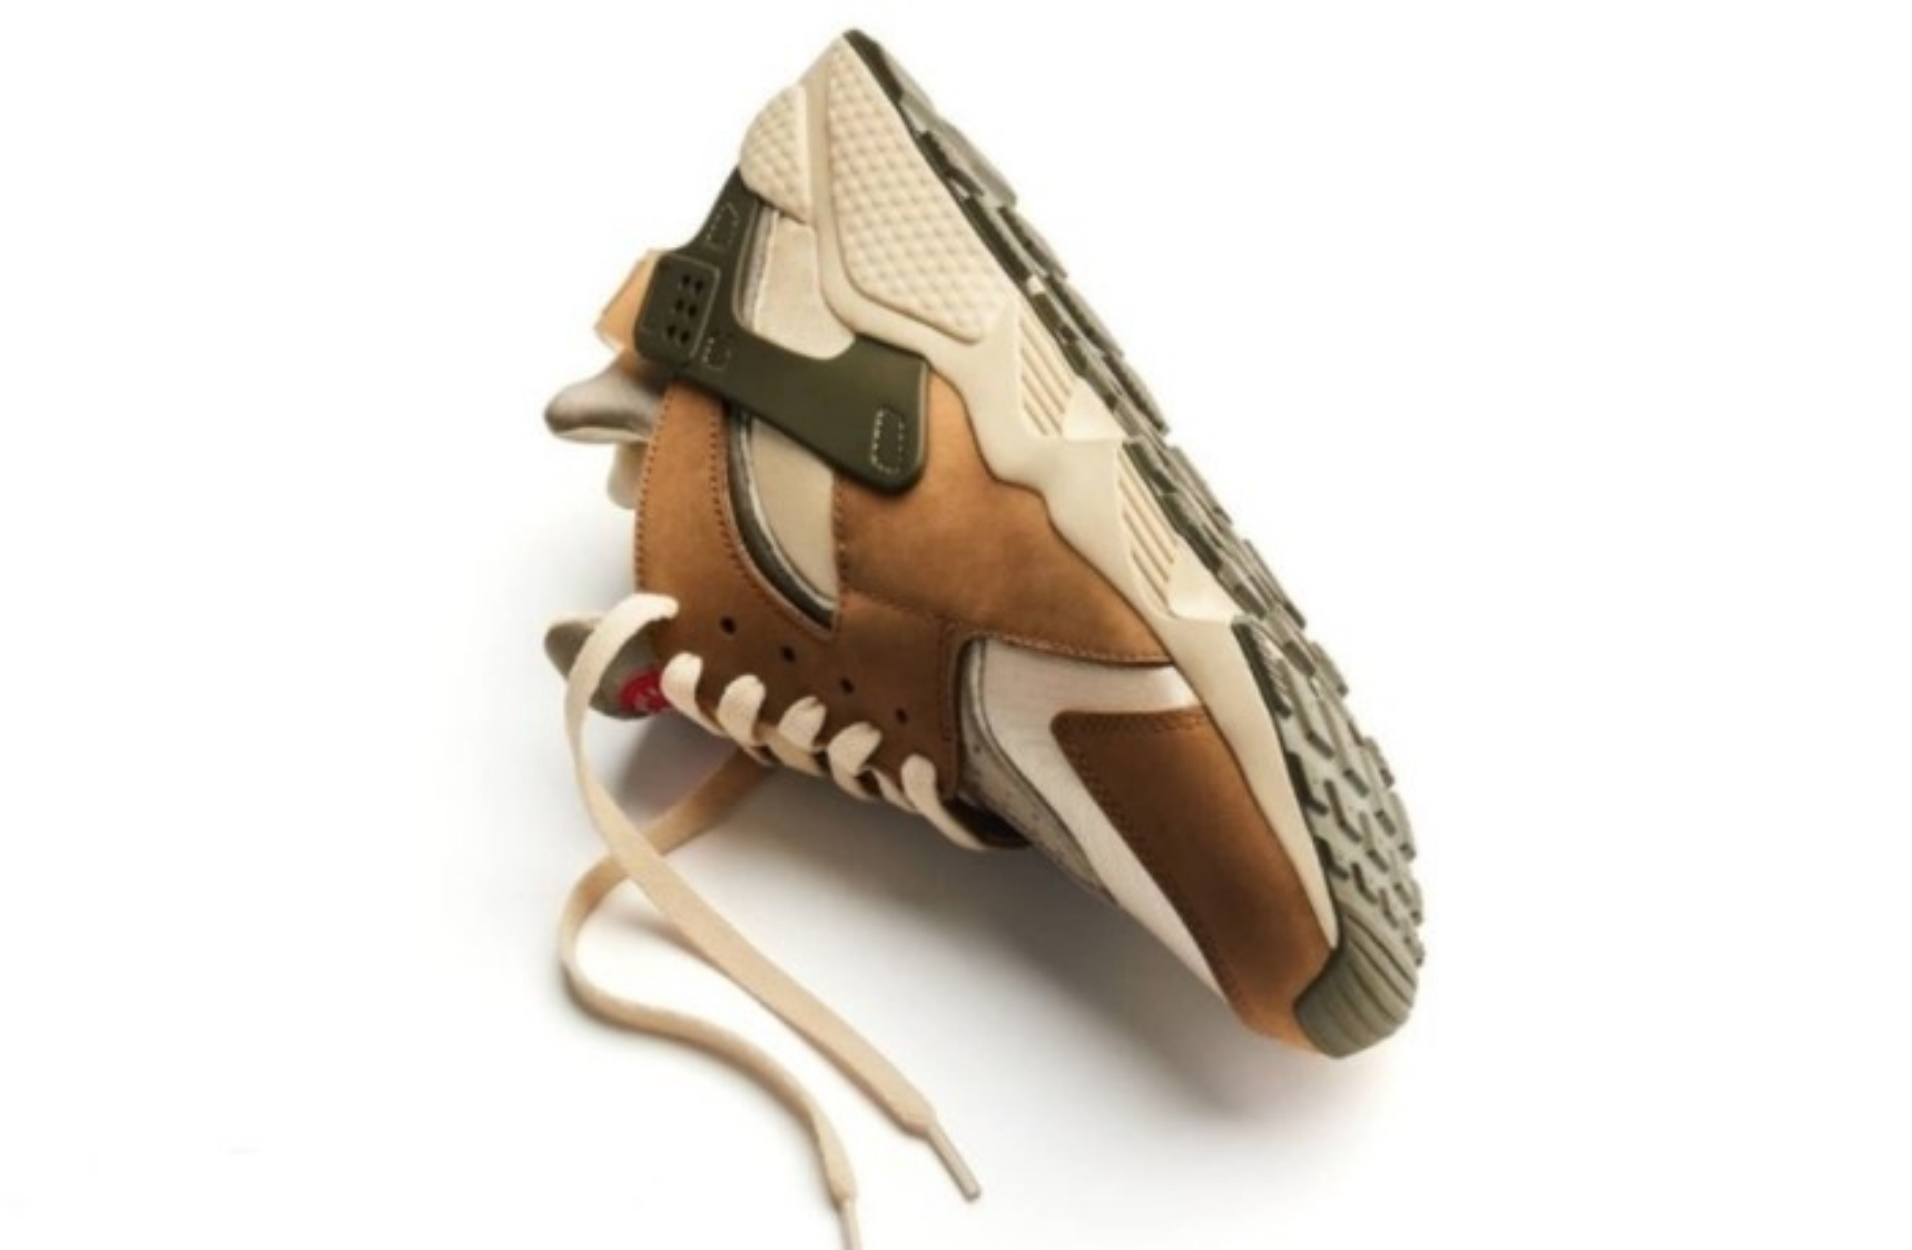 Το νέο sneaker από την συνεργασία της Stüssy με την Nike έχει γίνει τεράστια επιτυχία!